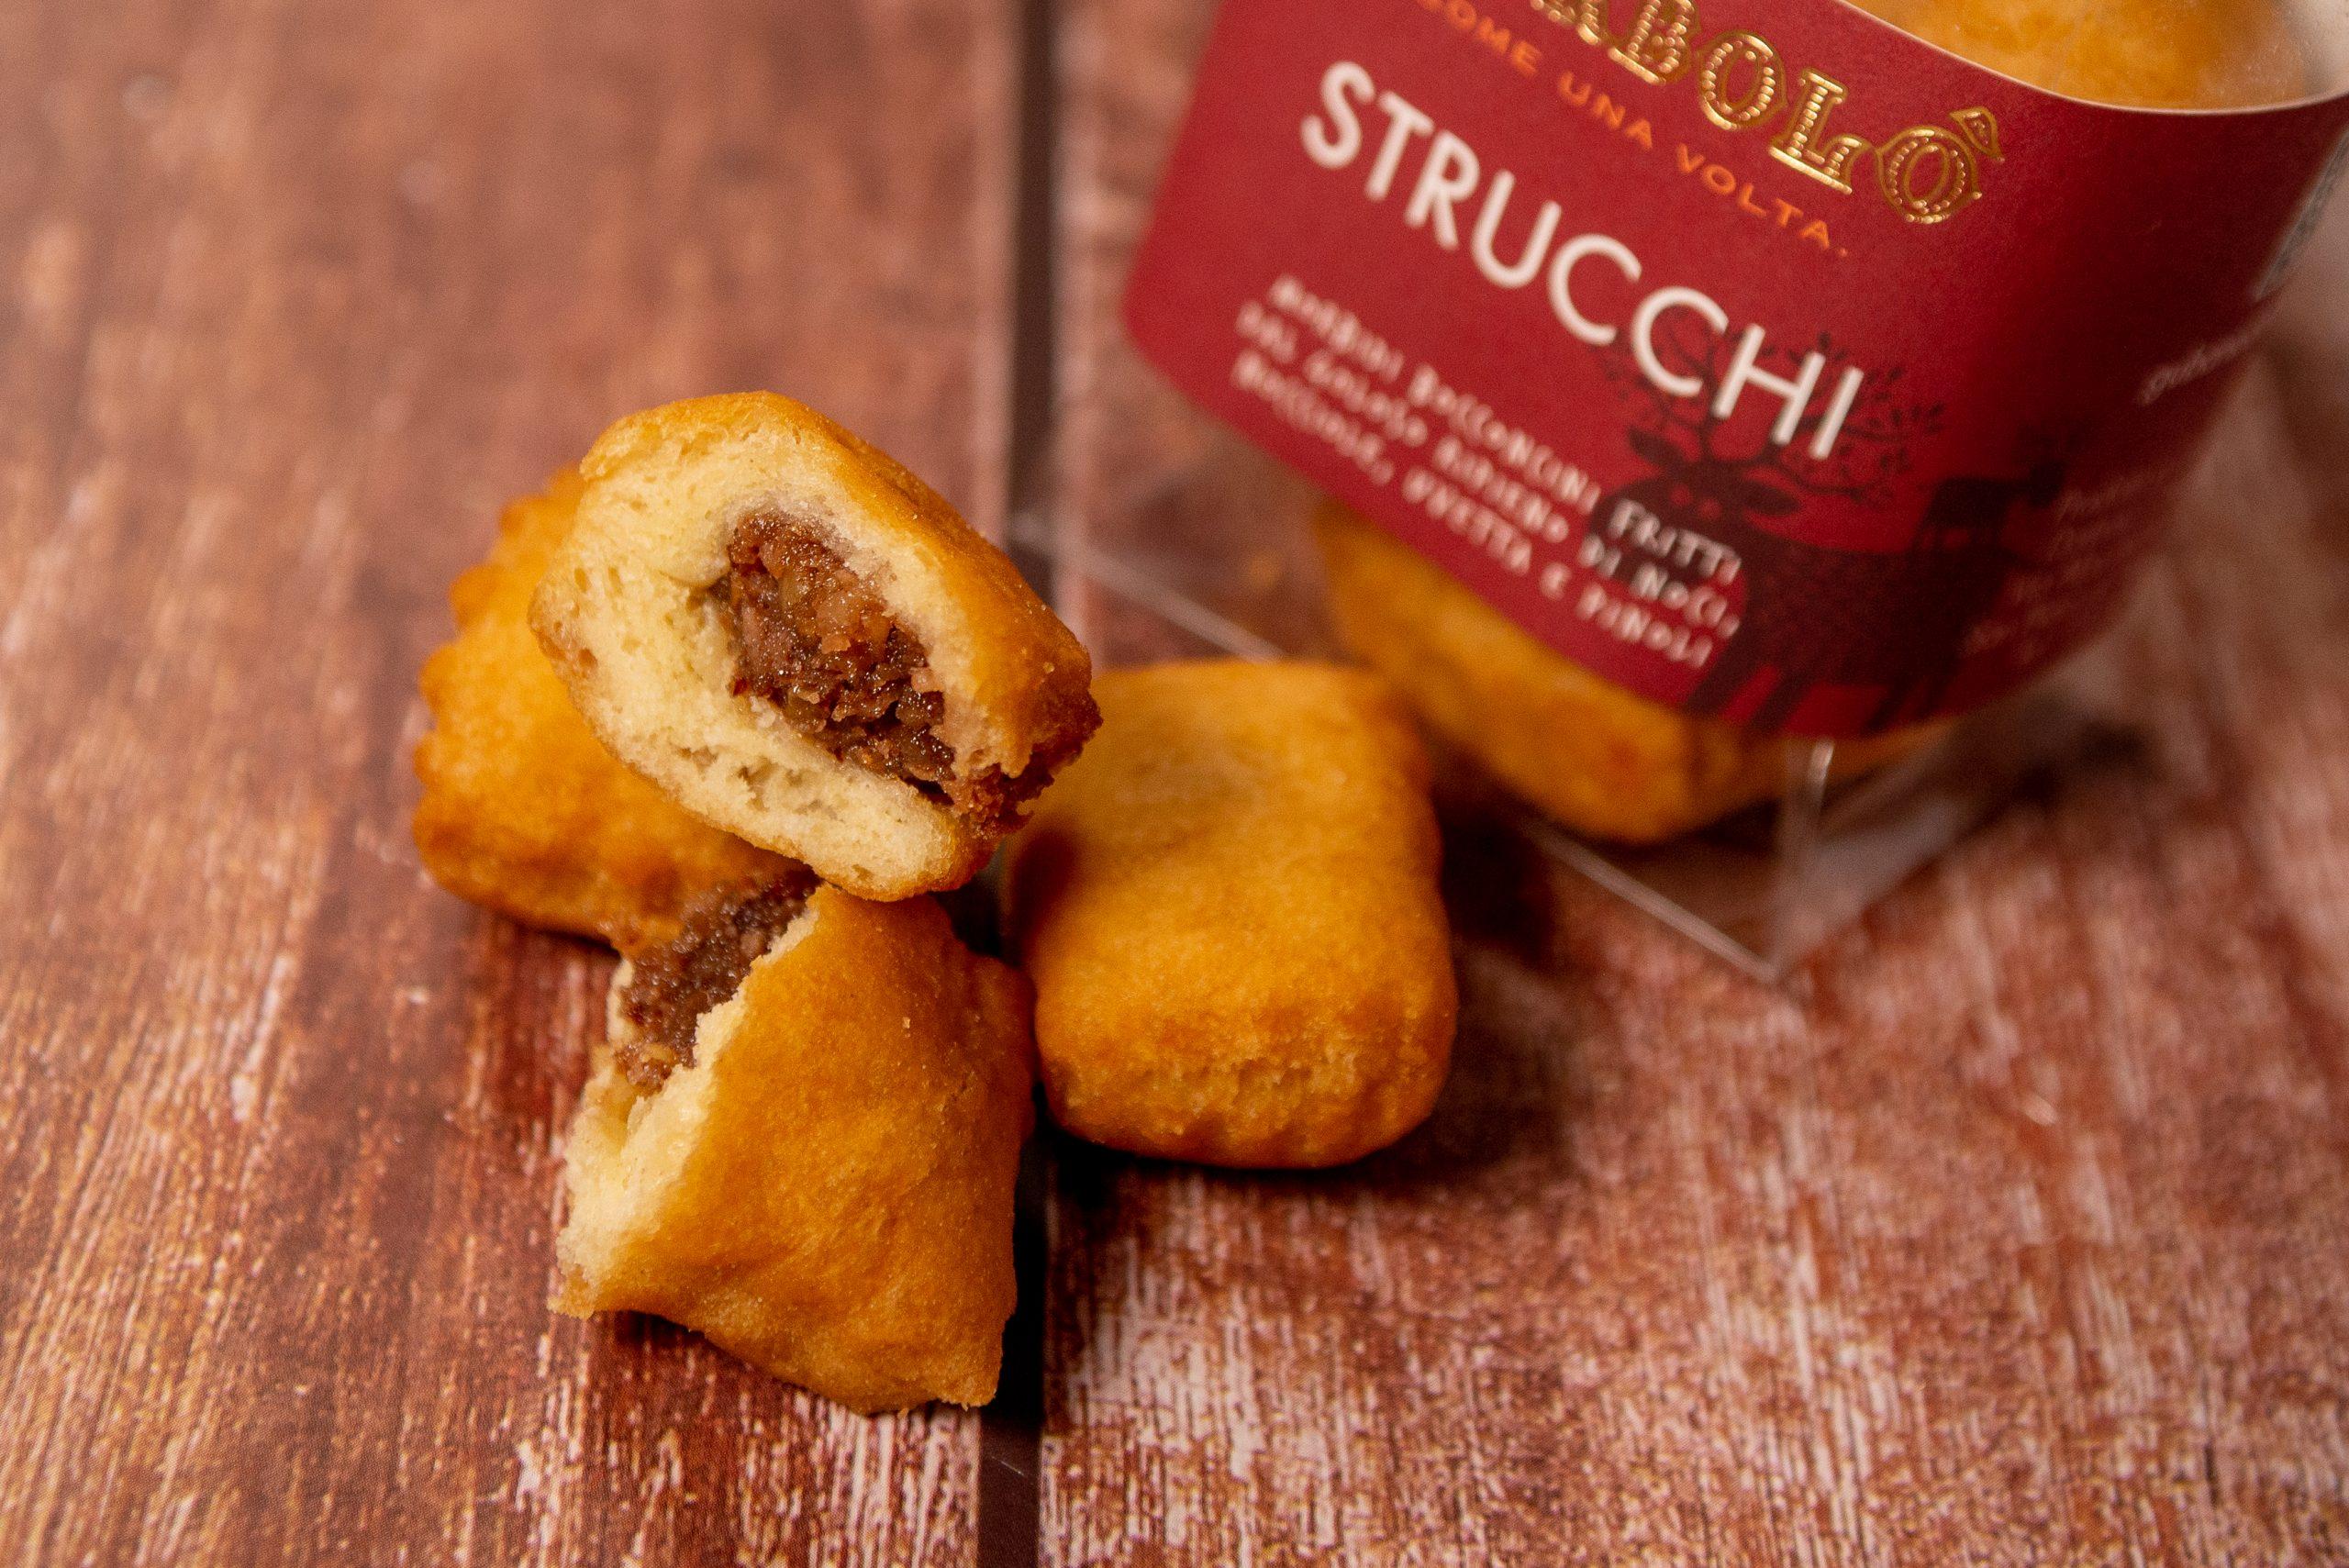 Strucchi dolce tipico friulanoa. base di pasta lievitata e frutta secca